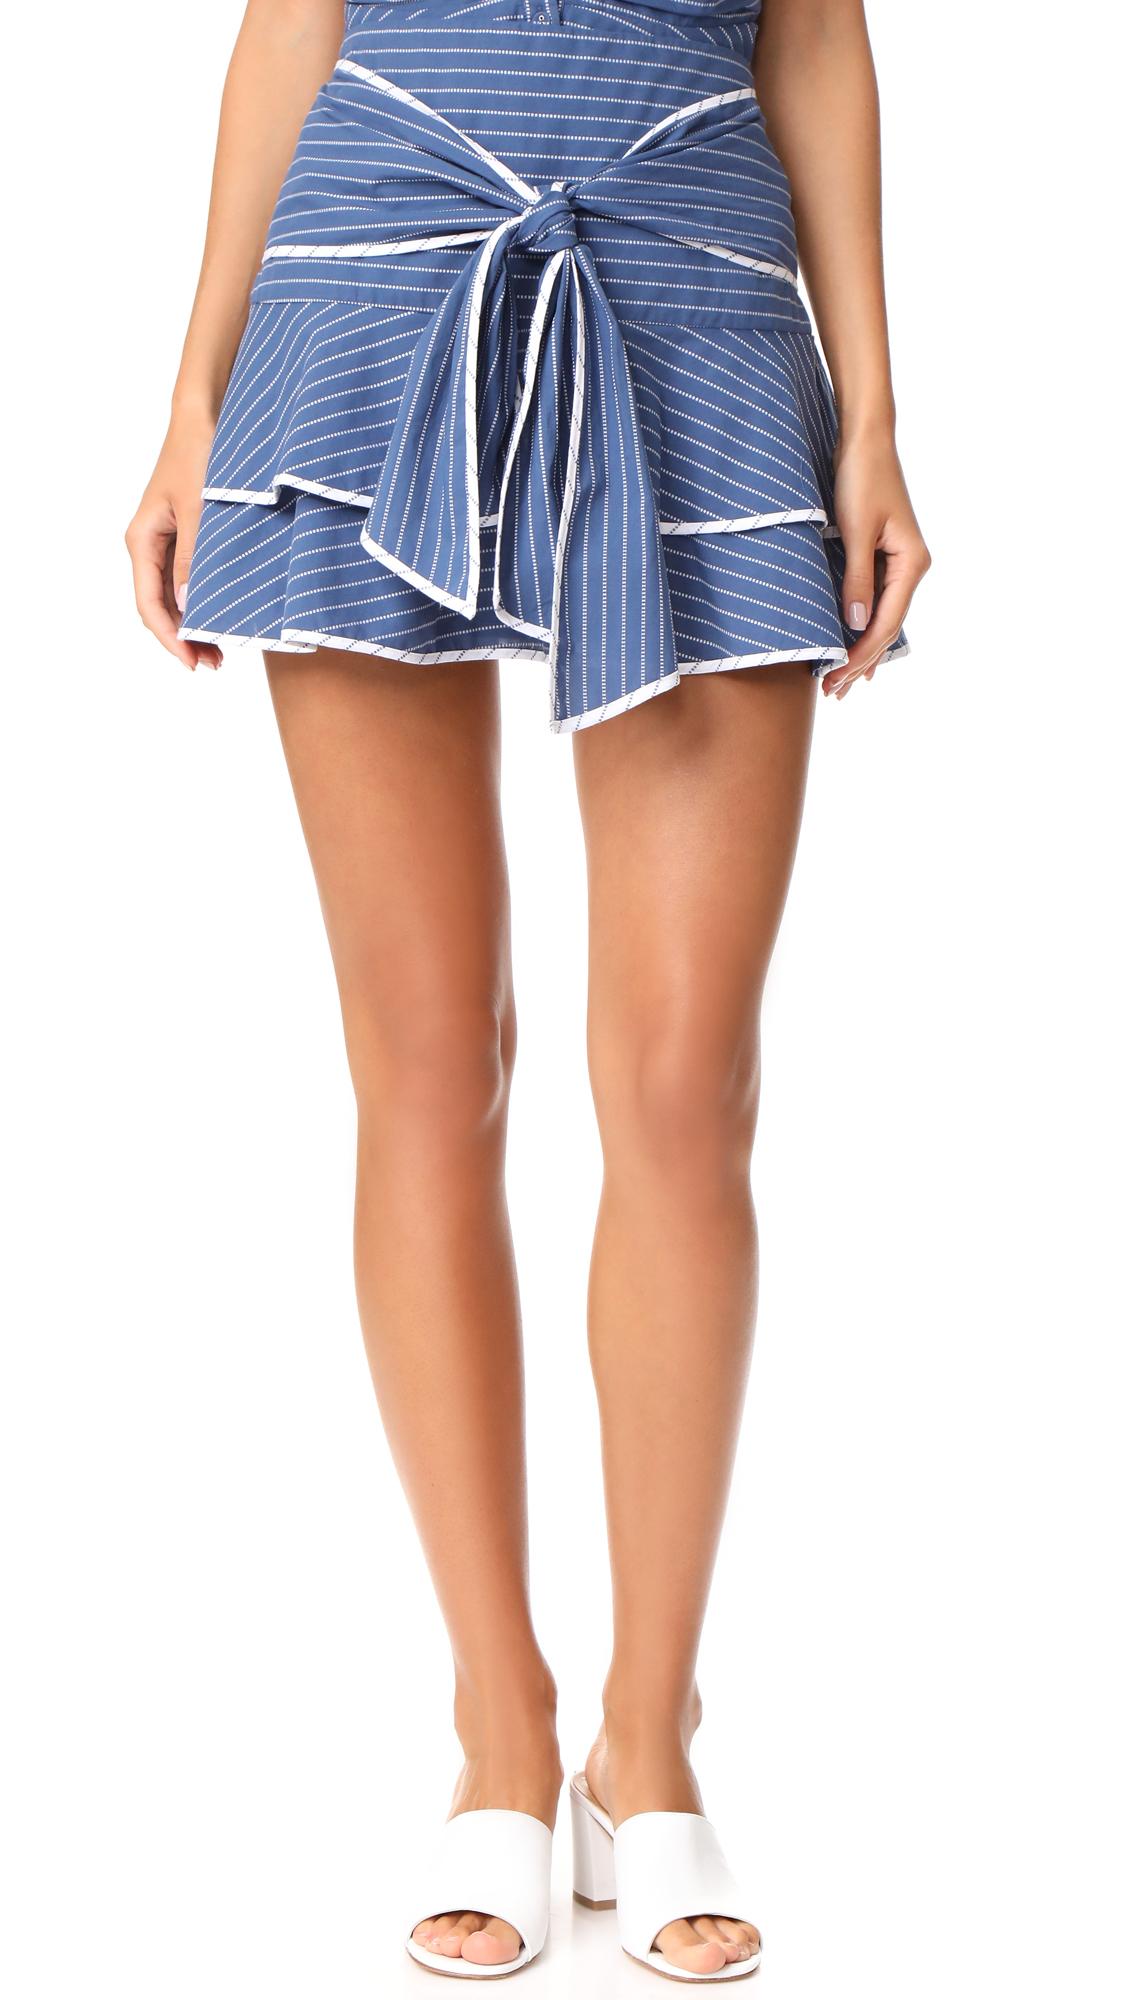 Parker Maiden Combo Skirt - Blue